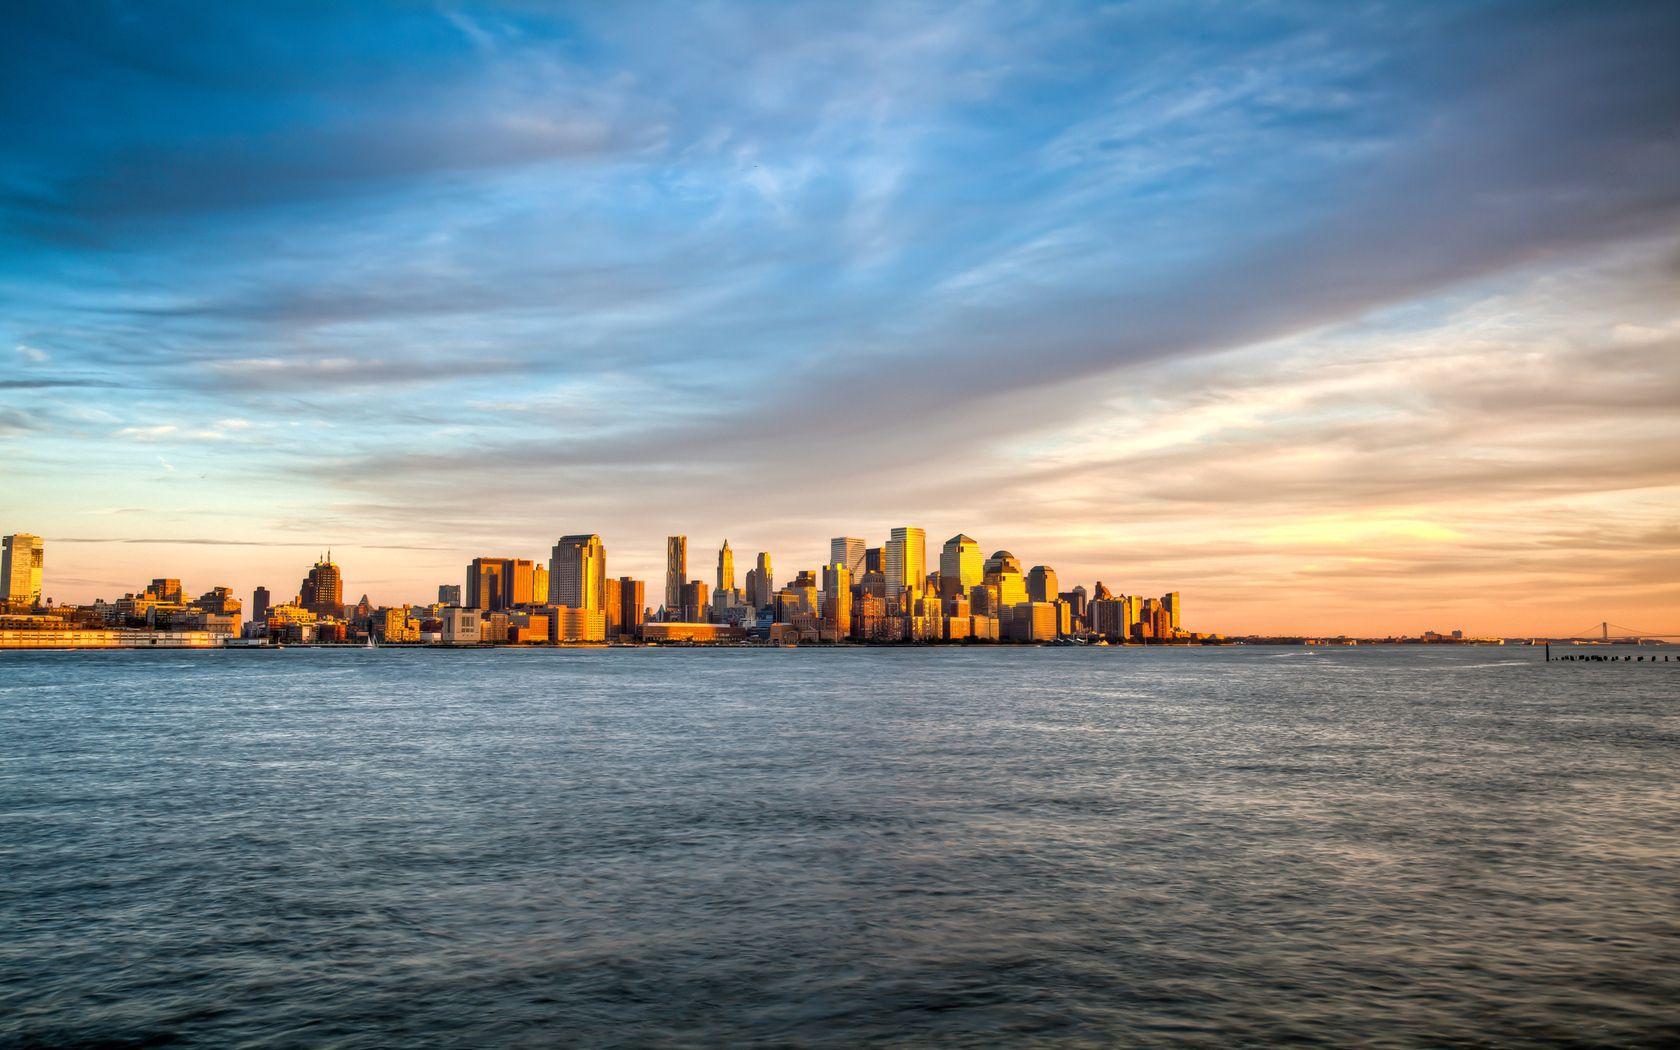 53713 скачать обои Нью-Йорк, Манхеттен, Остров, Море, Вода, Вид, Обзор, Небо, Вечер, Закат, Облака, Города, Волны, Пейзаж - заставки и картинки бесплатно